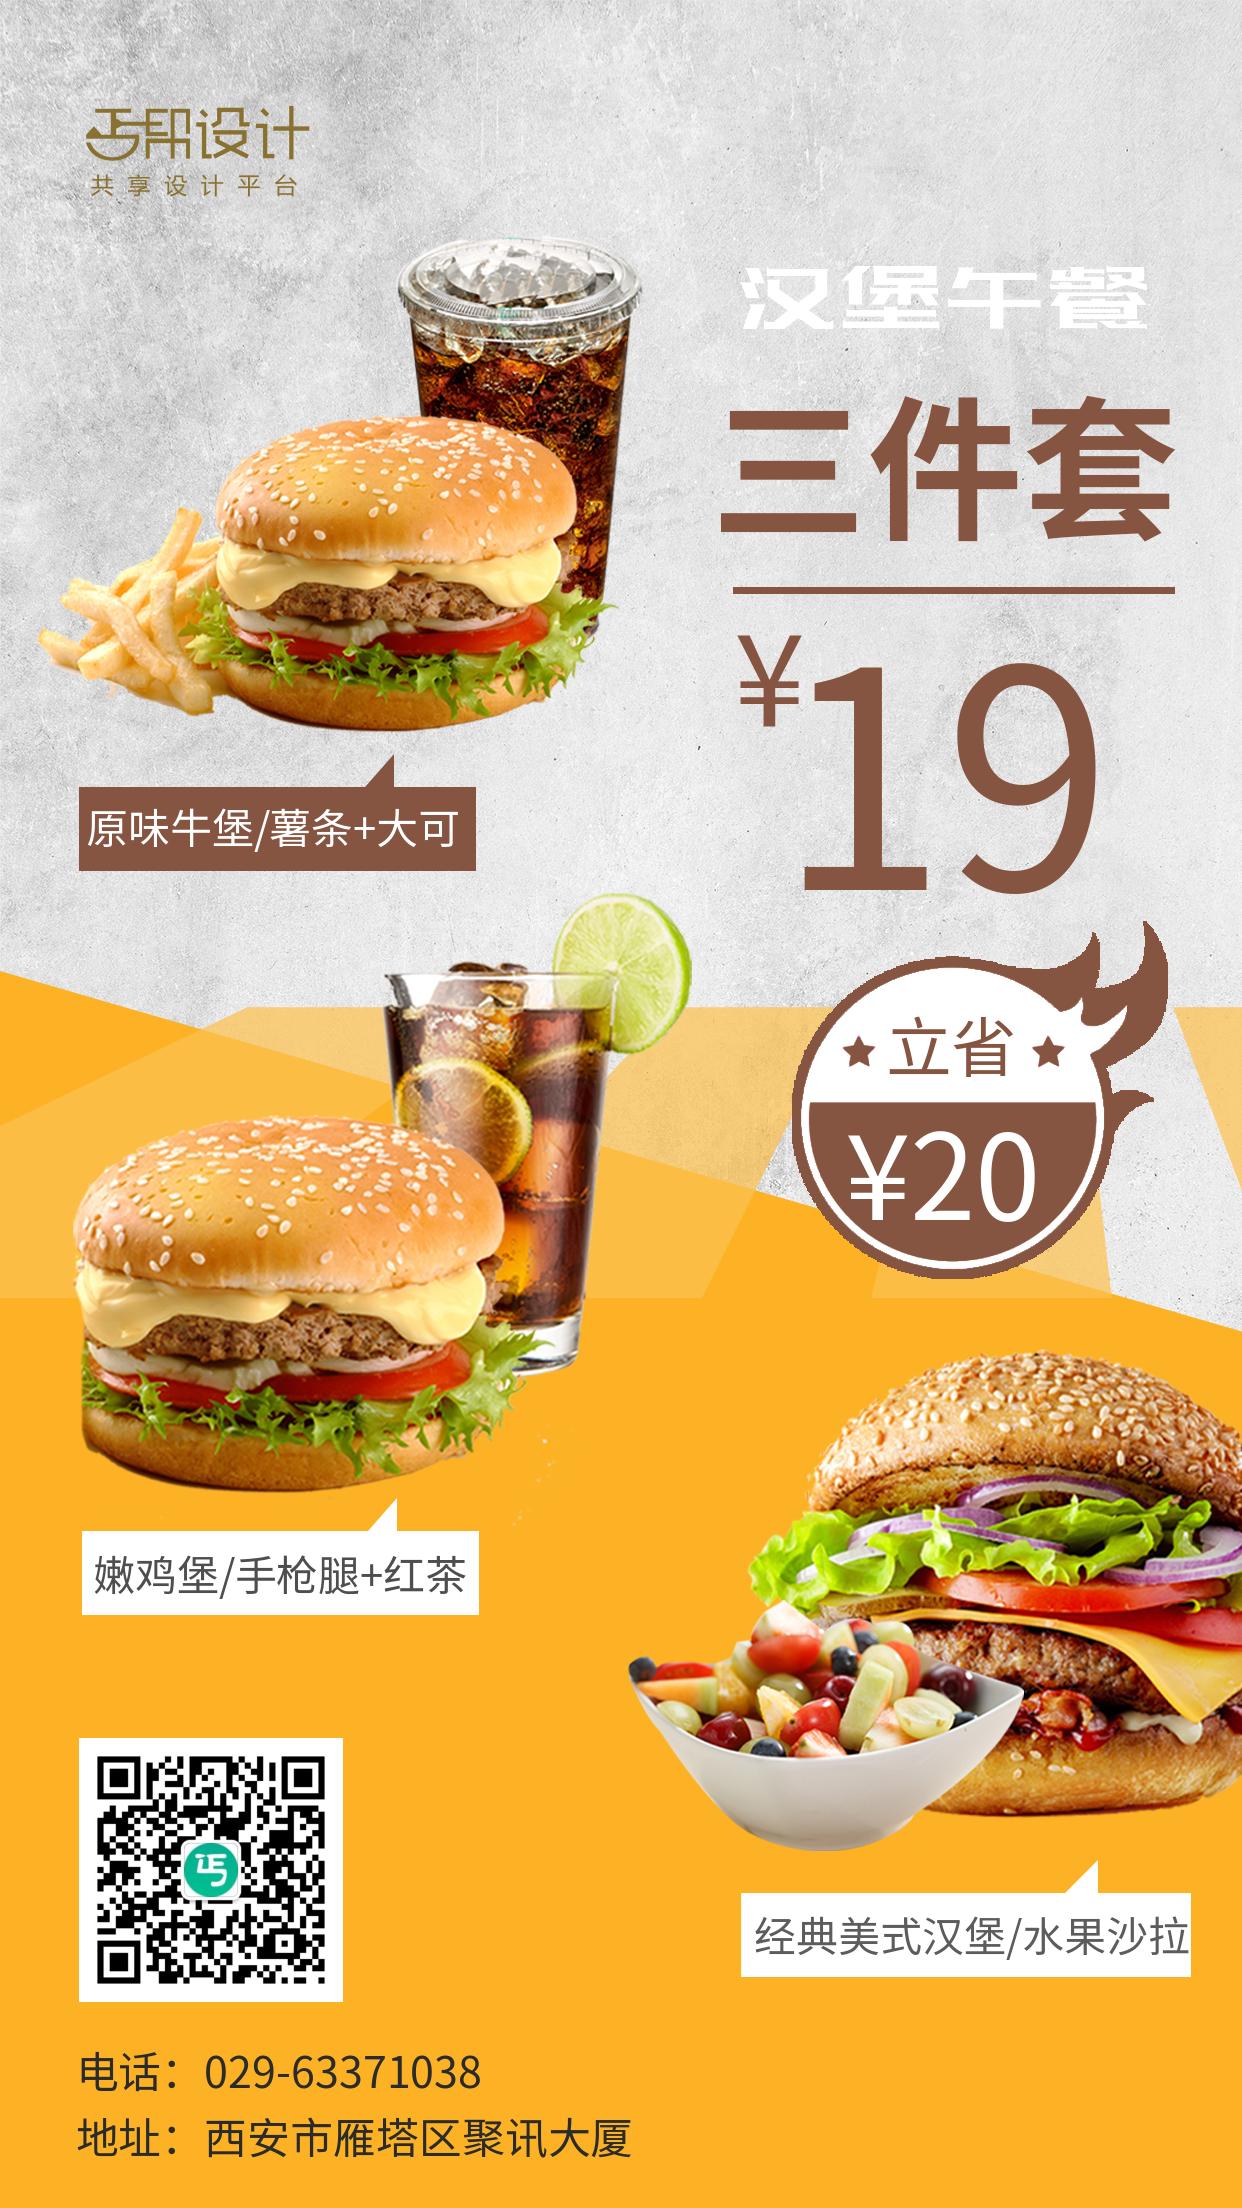 炸鸡汉堡产品促销手机海报